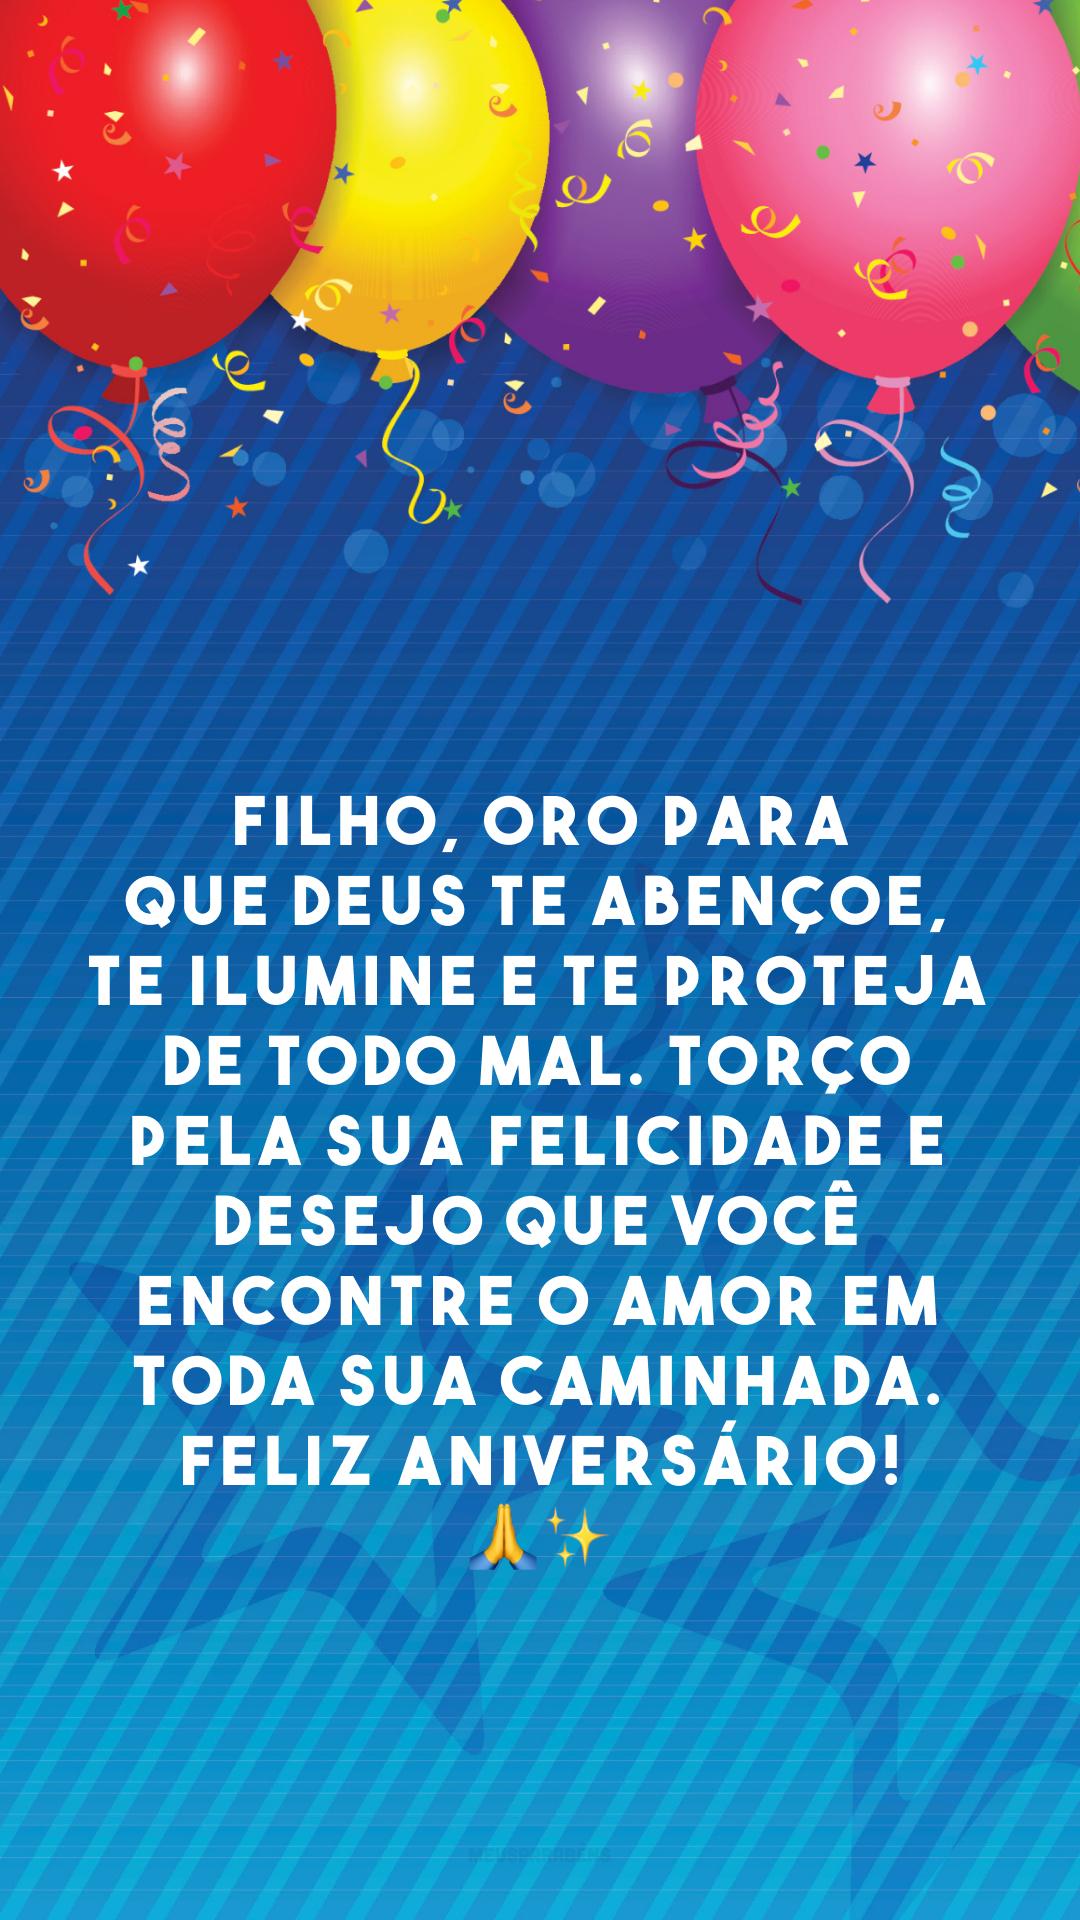 Filho, oro para que Deus te abençoe, te ilumine e te proteja de todo mal. Torço pela sua felicidade e desejo que você encontre o amor em toda sua caminhada. Feliz aniversário! 🙏✨